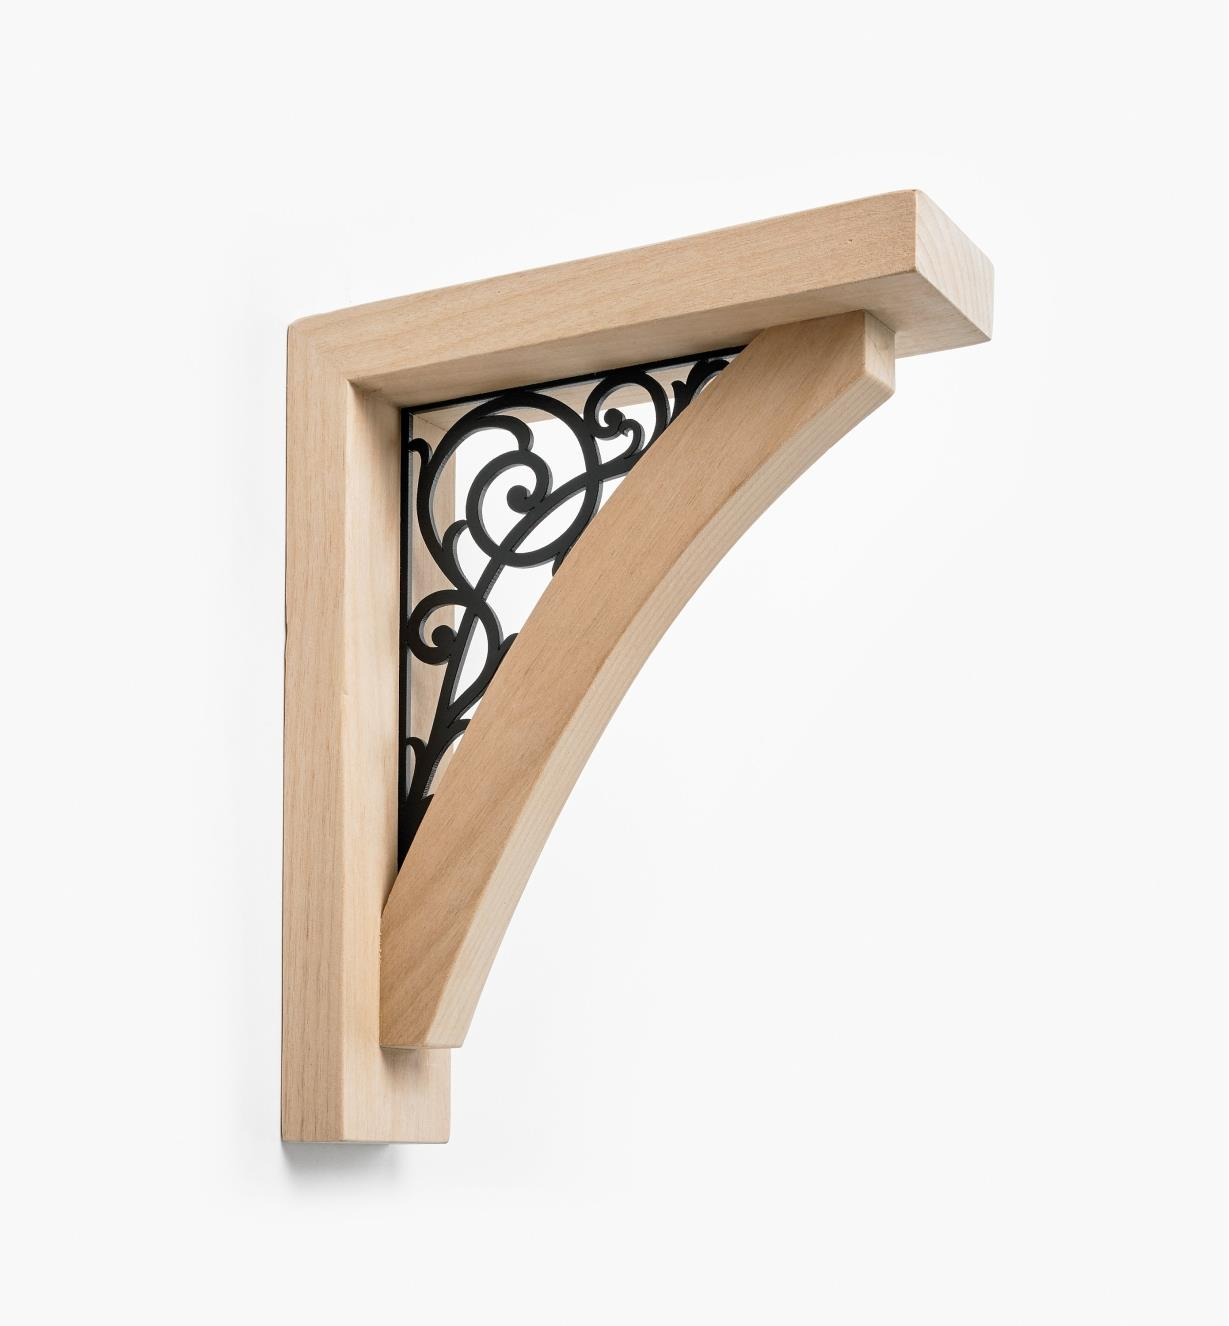 00S0732 - Scroll Wooden Shelf Bracket